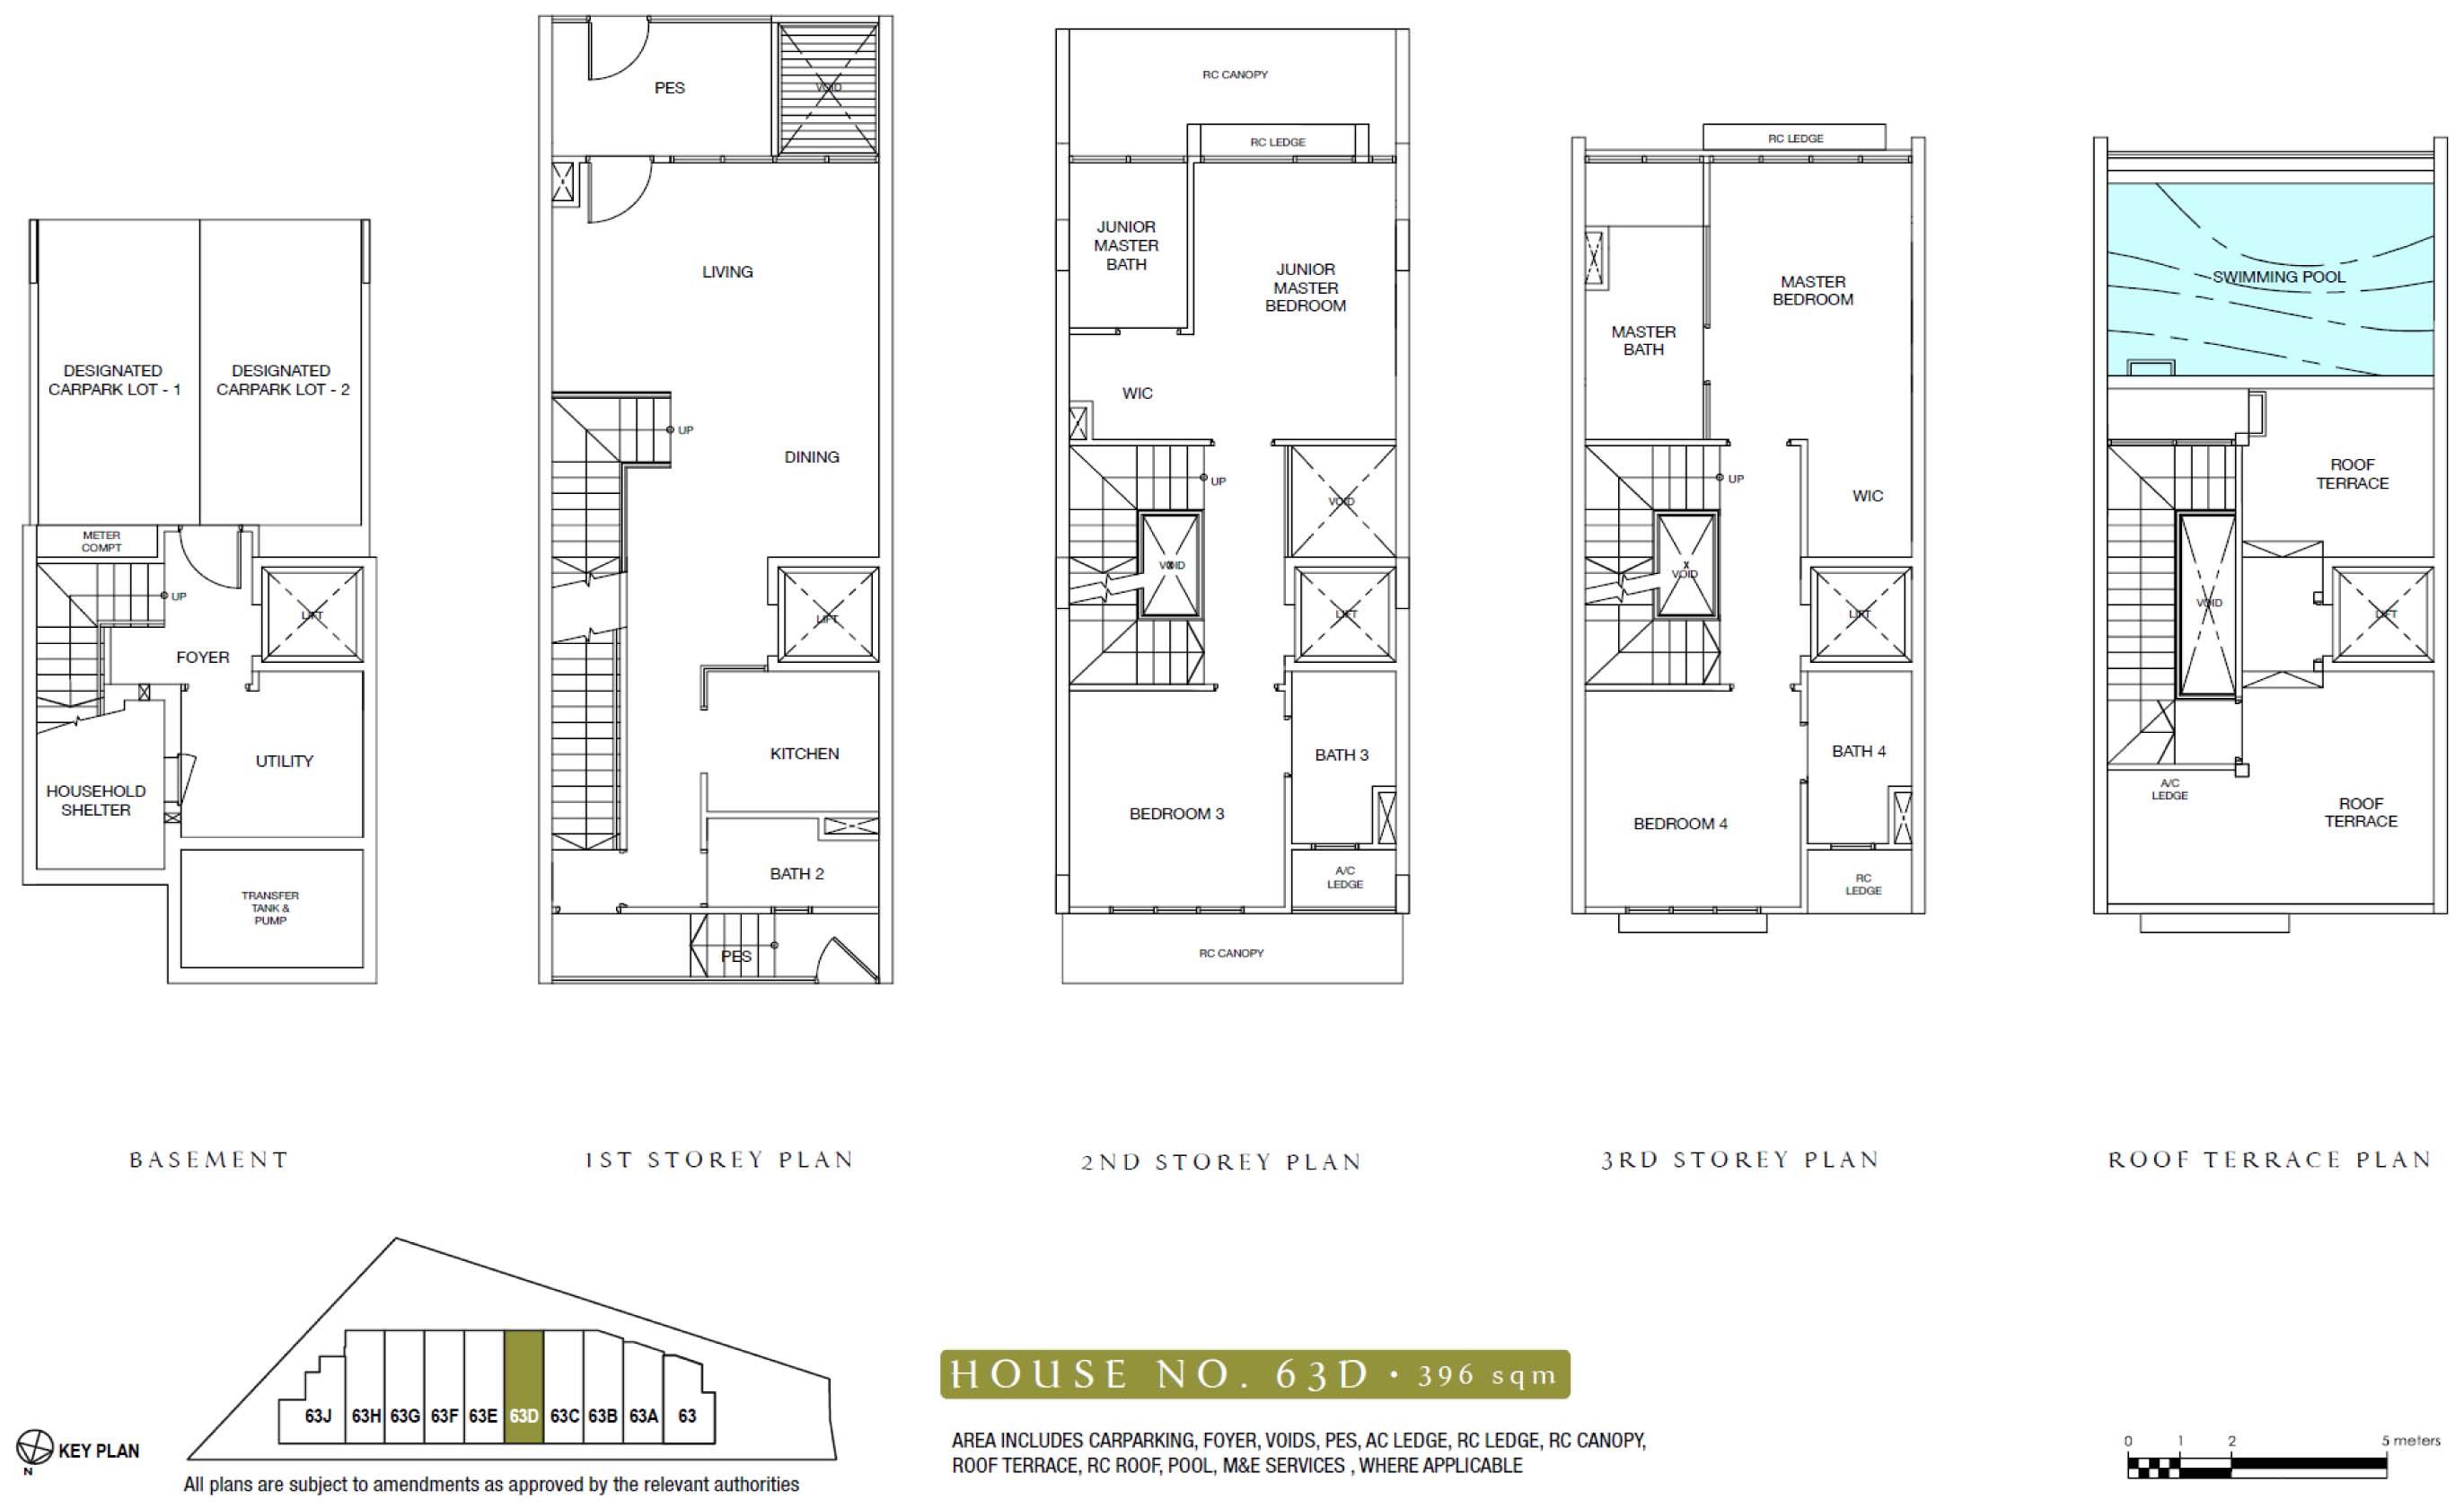 House # 63D